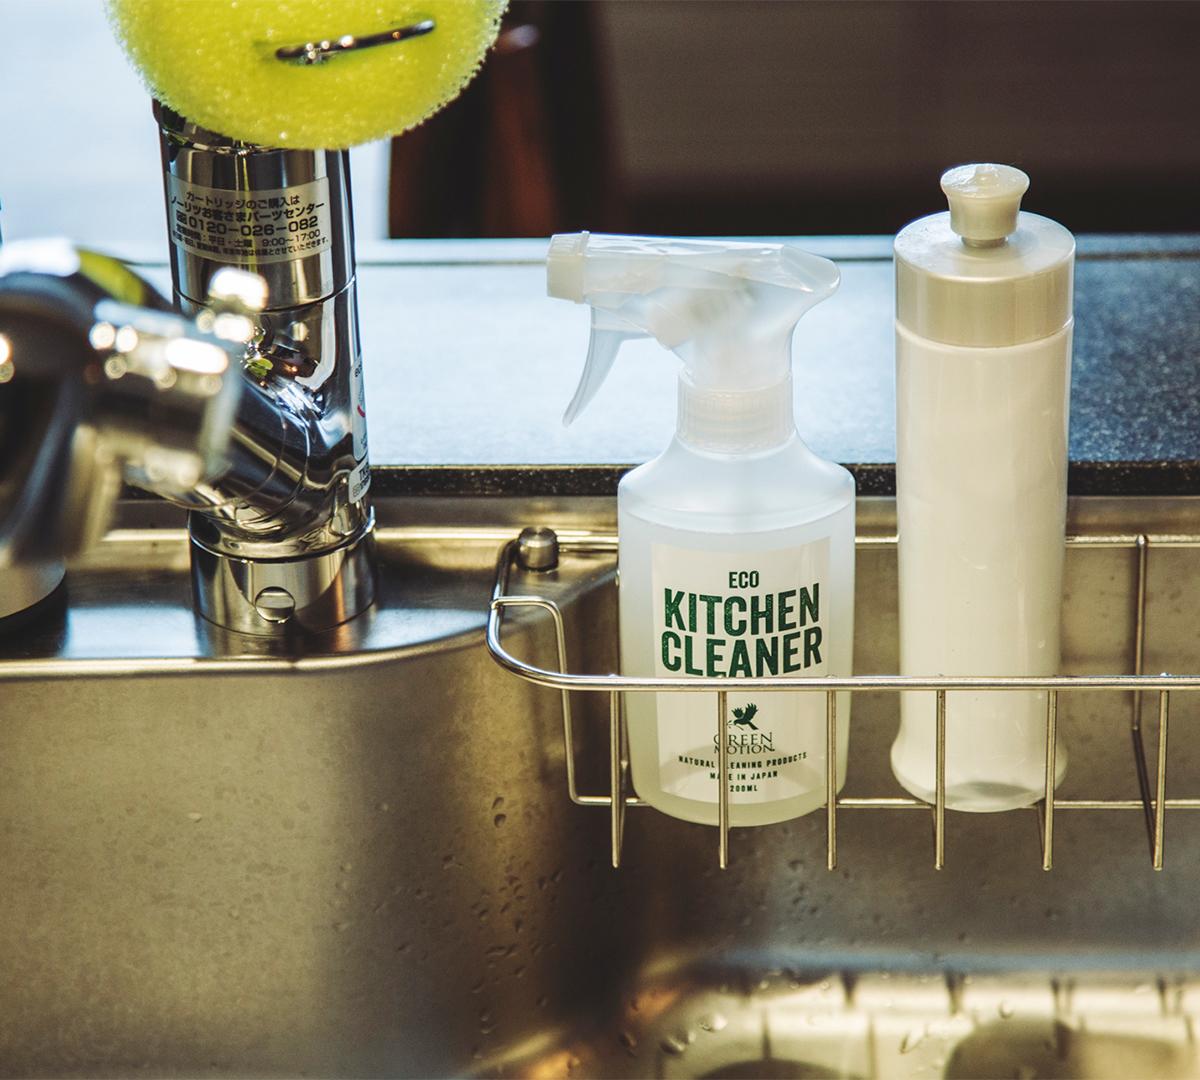 油汚れも、洗剤自体も、すばやく生分解されます。排水が流れつく海への環境負荷はほとんどありません。「エコキッチンクリーナー」|GREEN MOTION